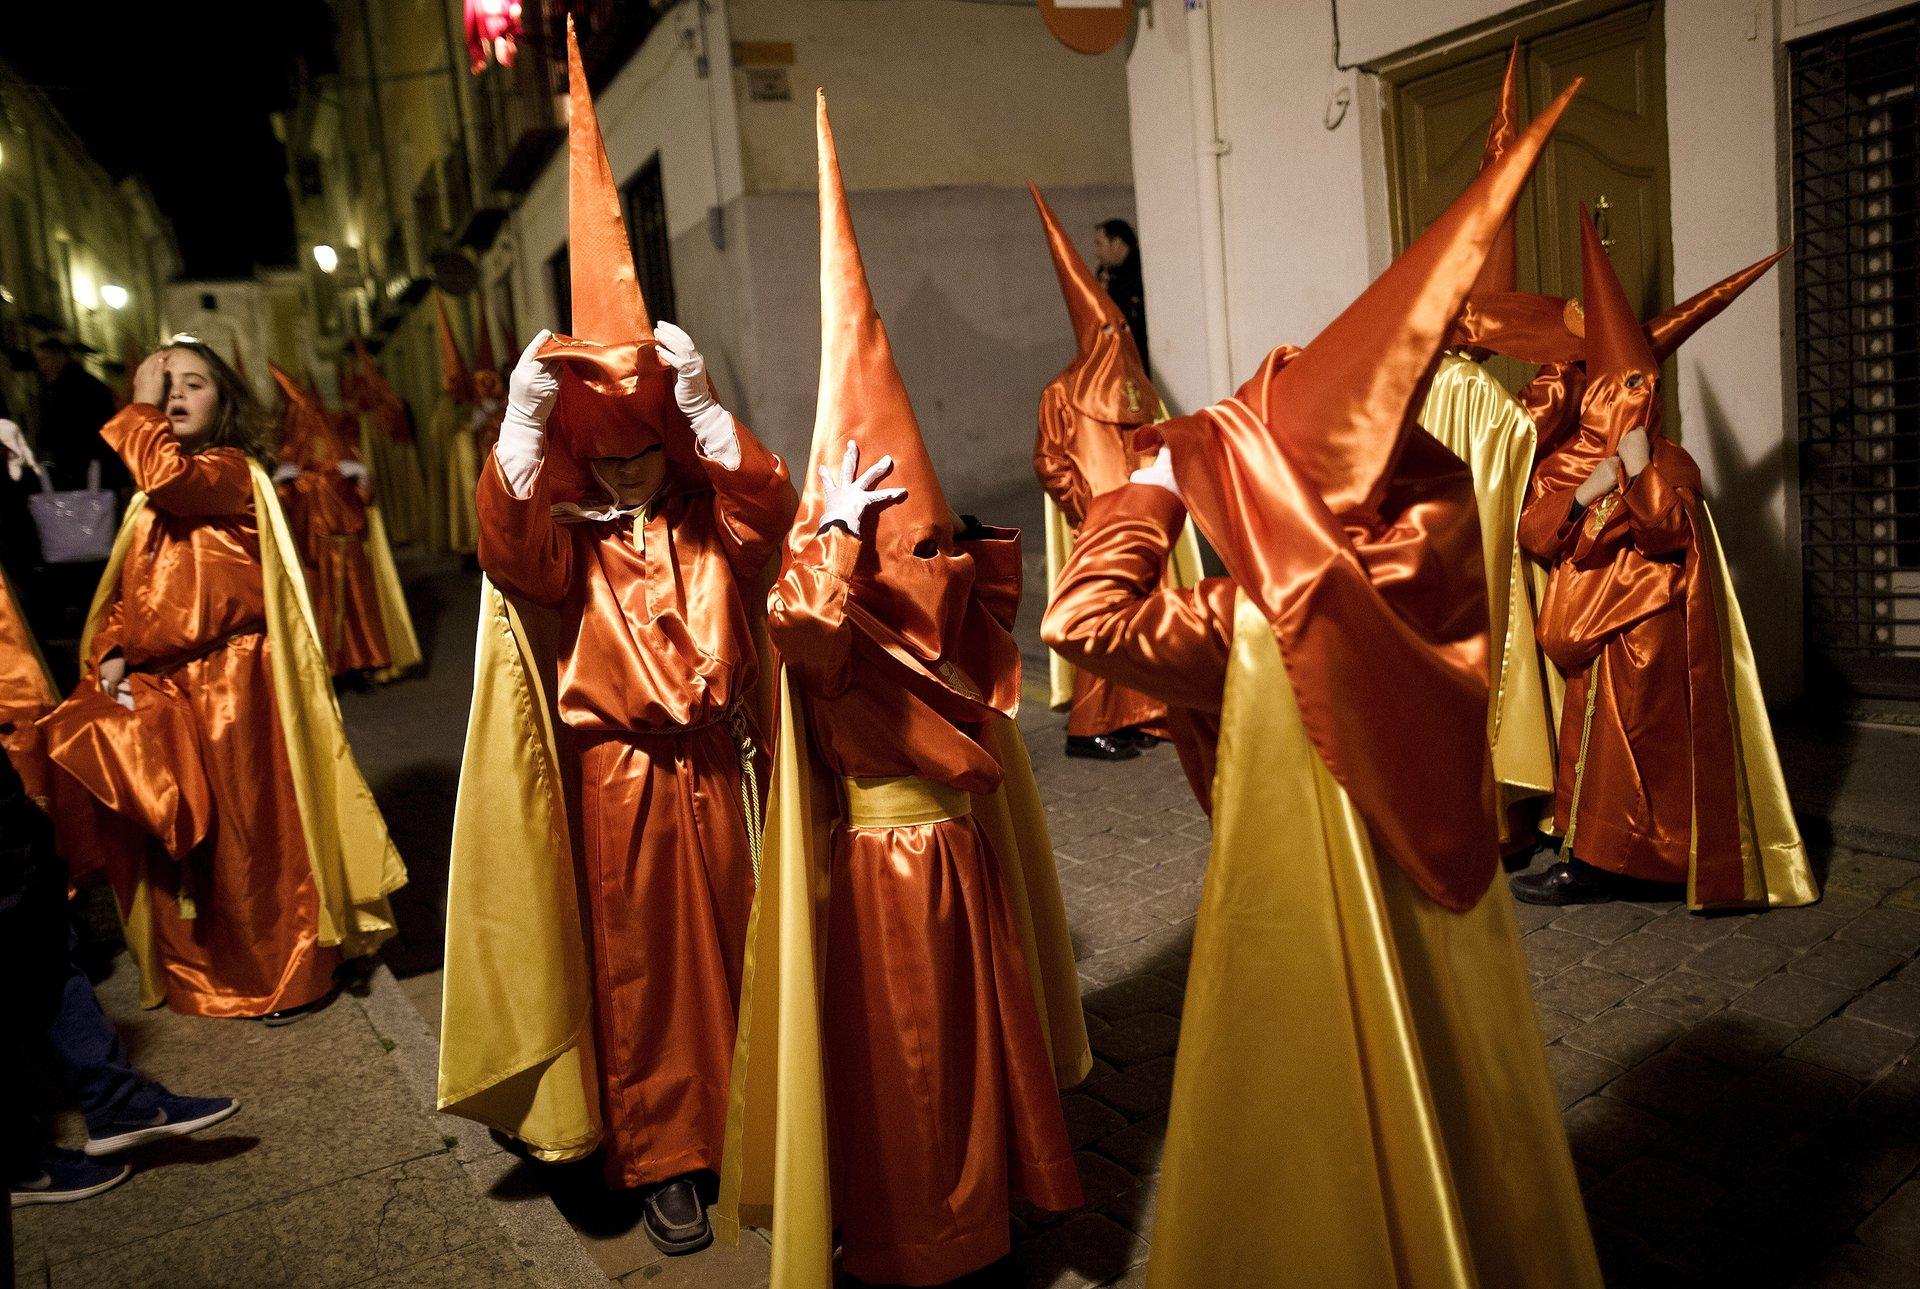 Каравака де ла Крус, Мурсия Деца от братството на Сантисимо Кристо де ла Мизерикордиаa премахват техните качулки в края на шествието Снимка: Пабло Blazquez Домингес / Getty Images